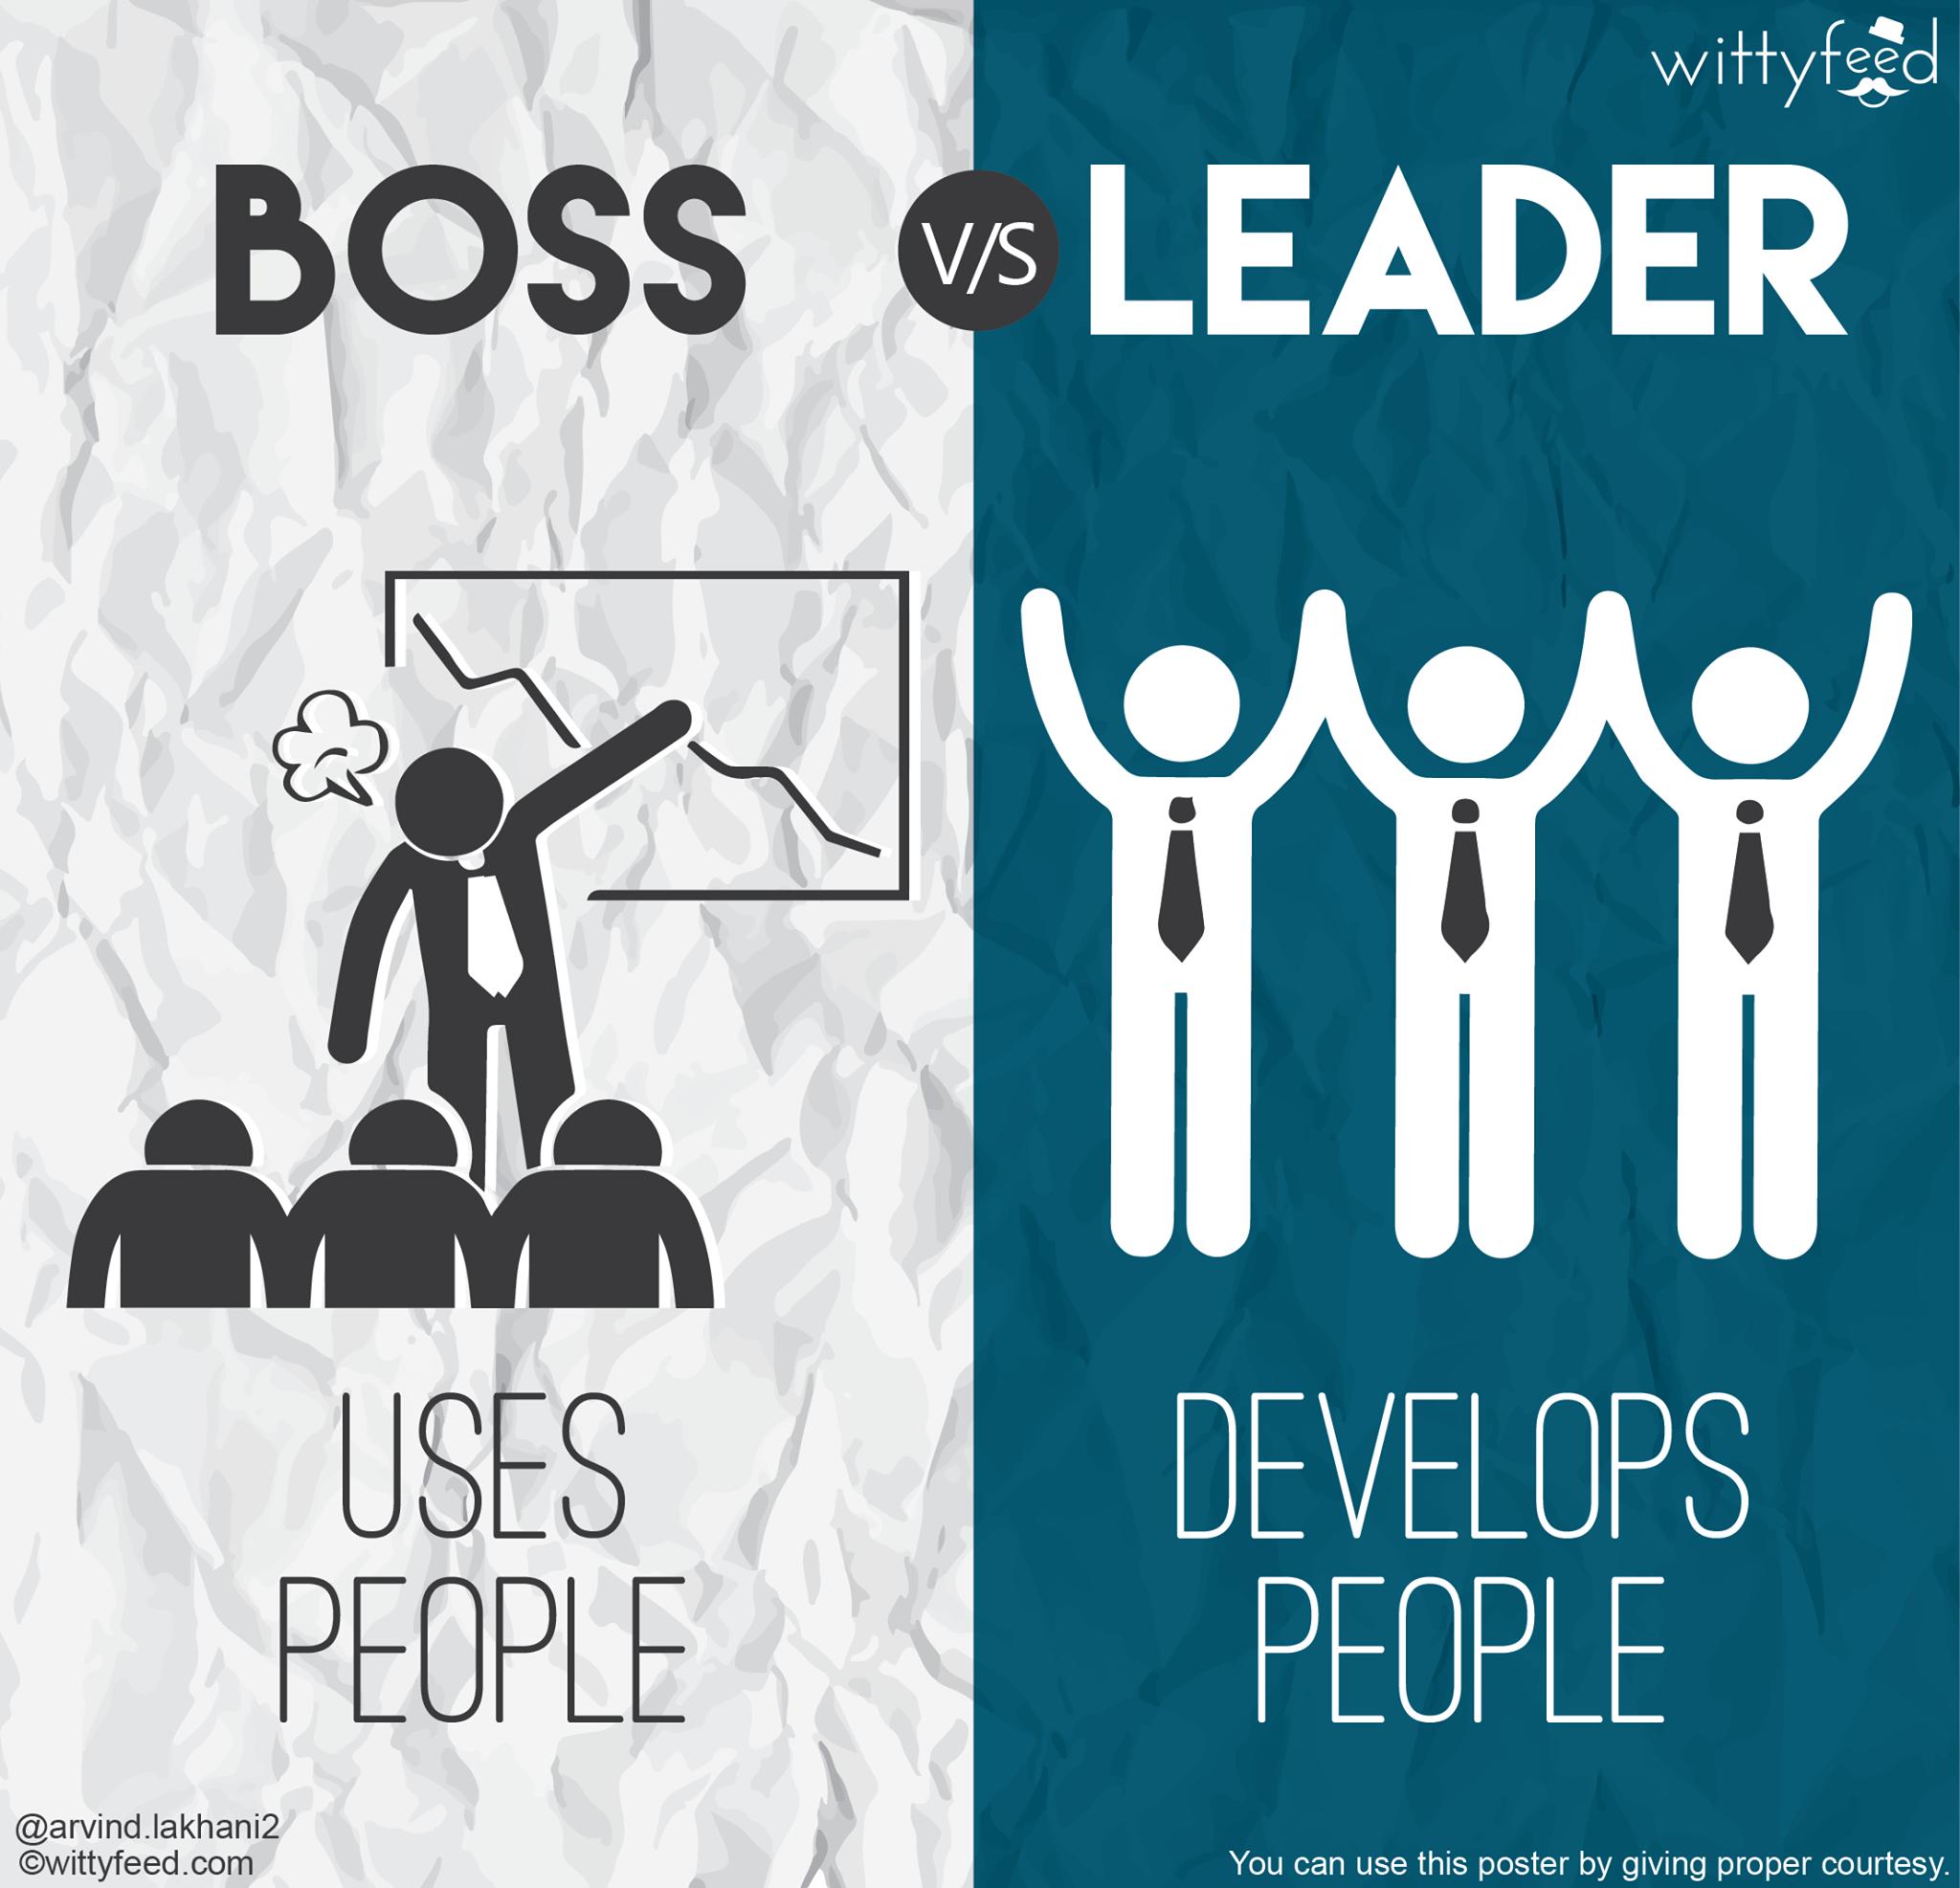 Boss vs leader 3